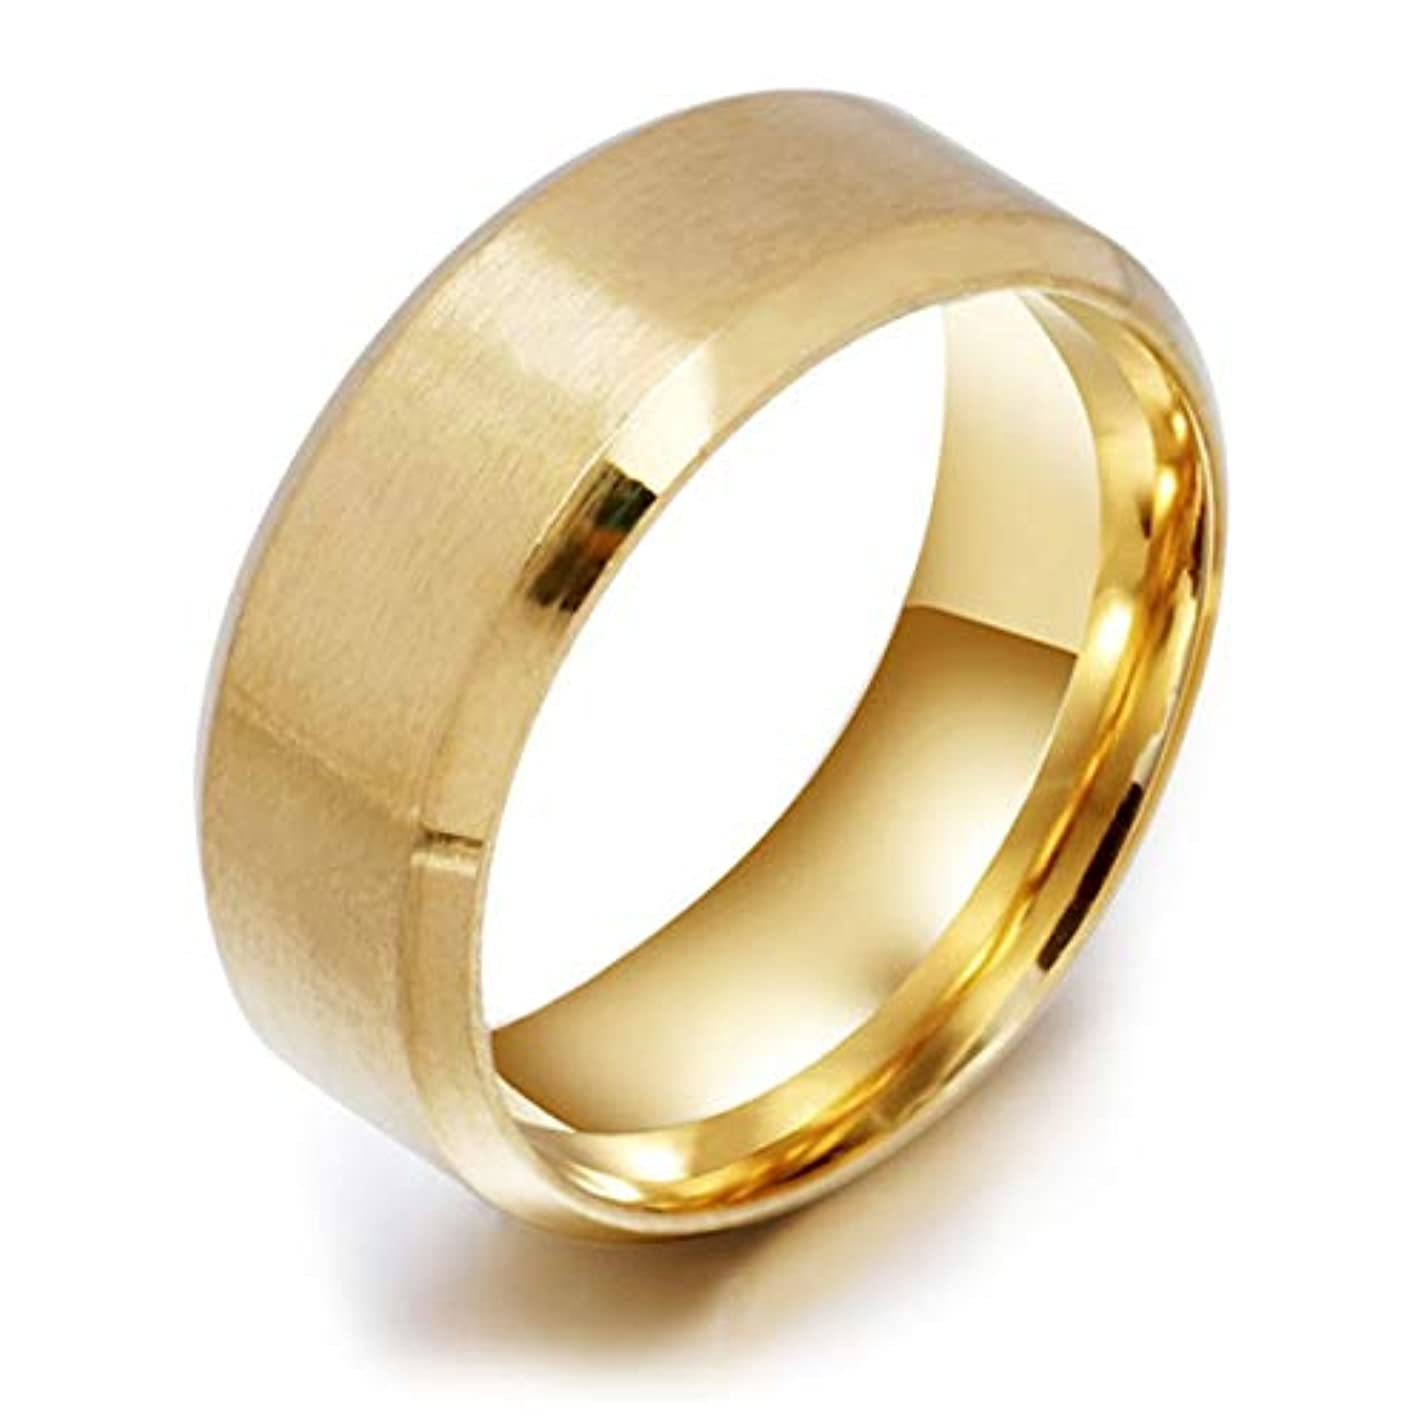 探検接続レベルステンレス鋼の医療指リング磁気減量リング男性のための高いポーランドのファッションジュエリー女性リング-ゴールド10